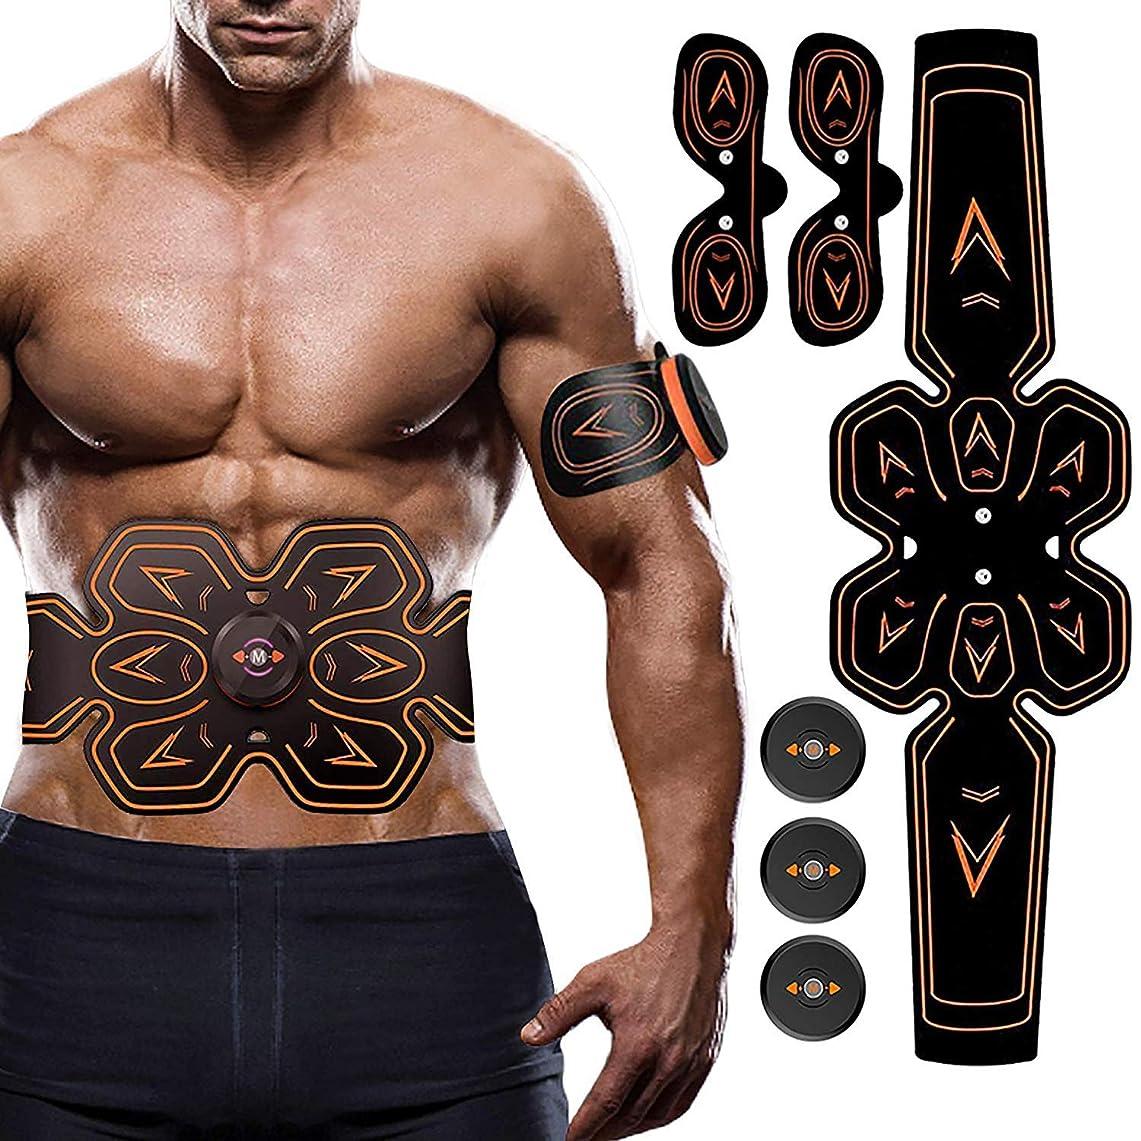 殺しますますます戦い電気腹部筋肉刺激装置、ABSウエストトレーナーフィットネス減量体重減少マッサージャー用男性と女性の脂肪燃焼